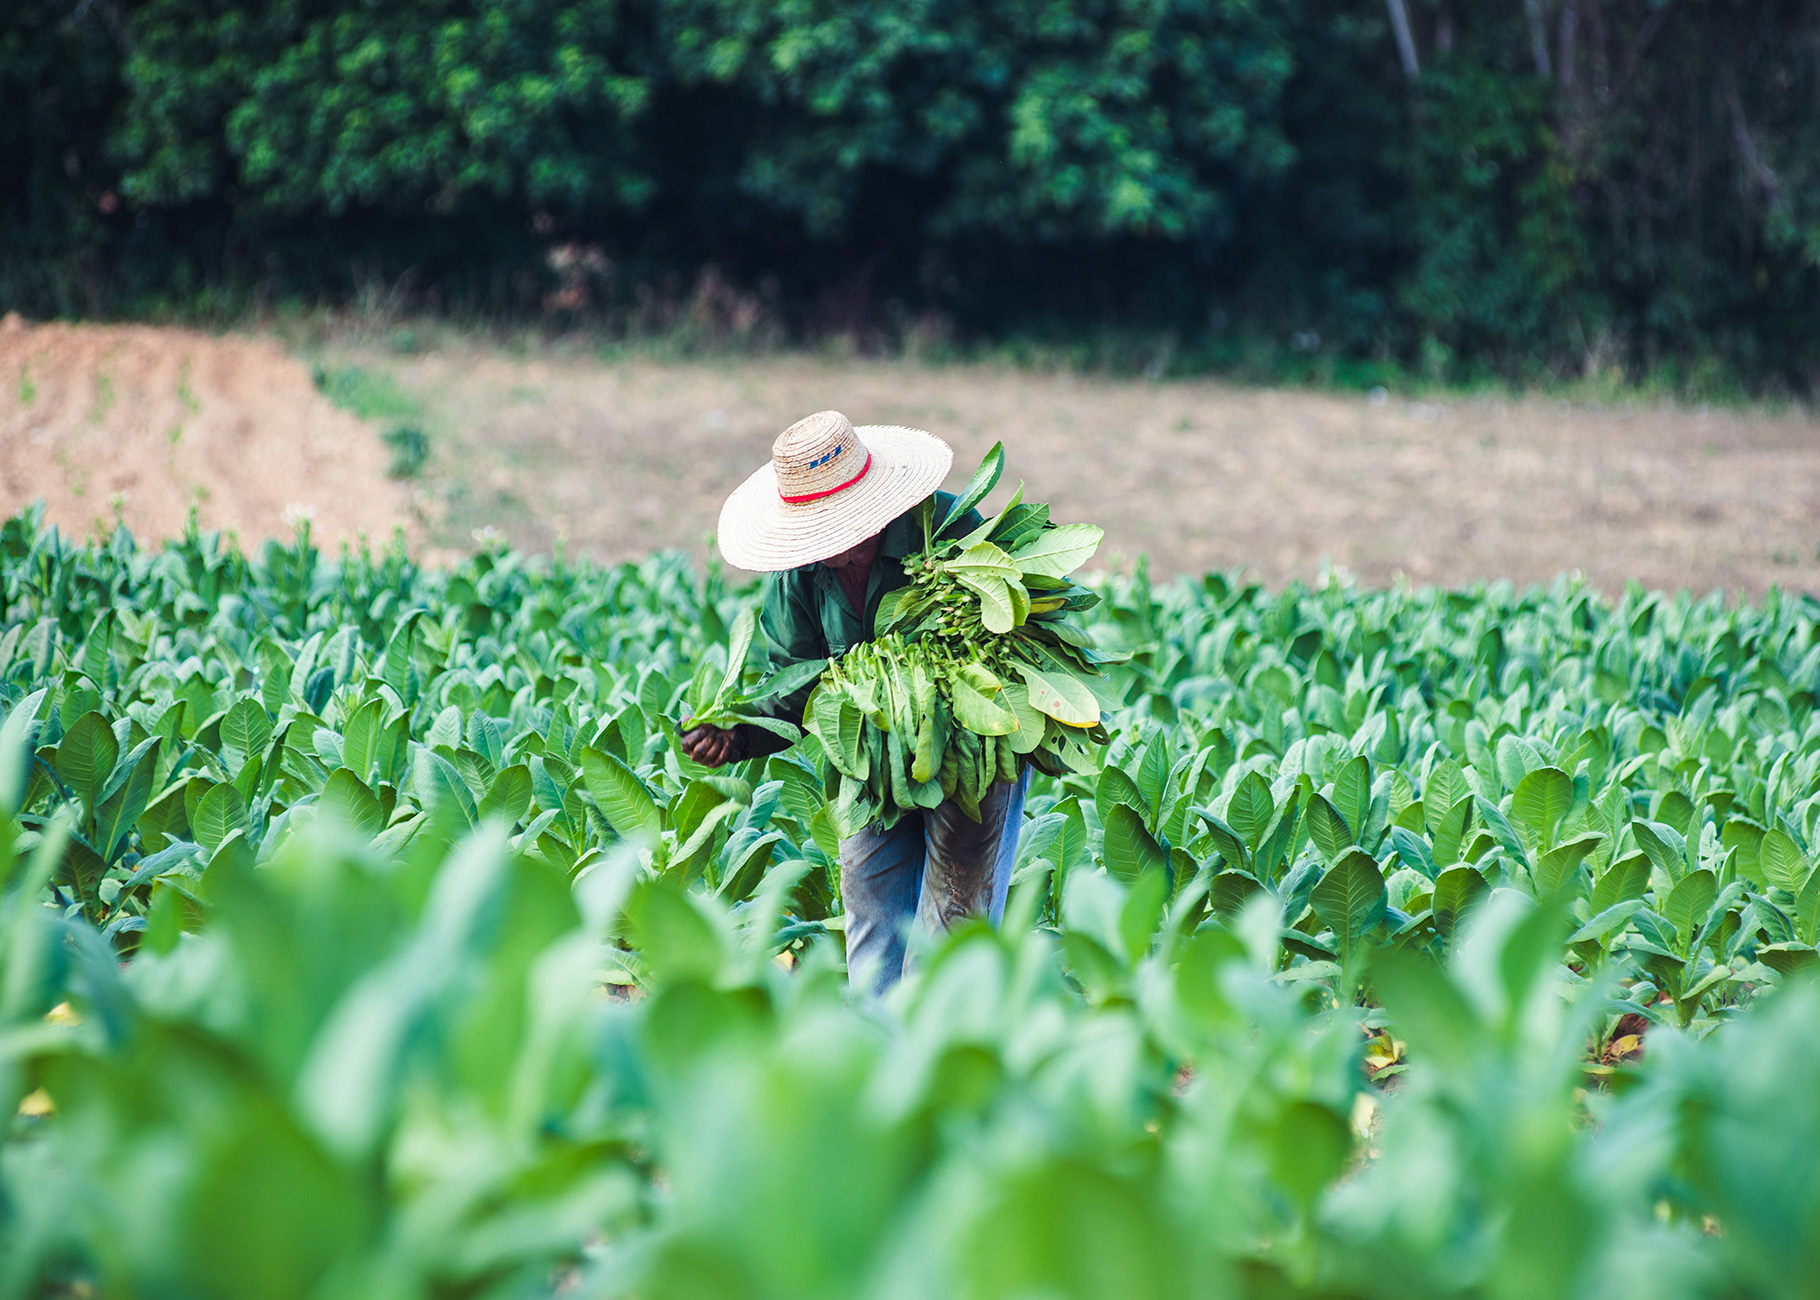 Farmer collecting tobacco leaves at Viñales